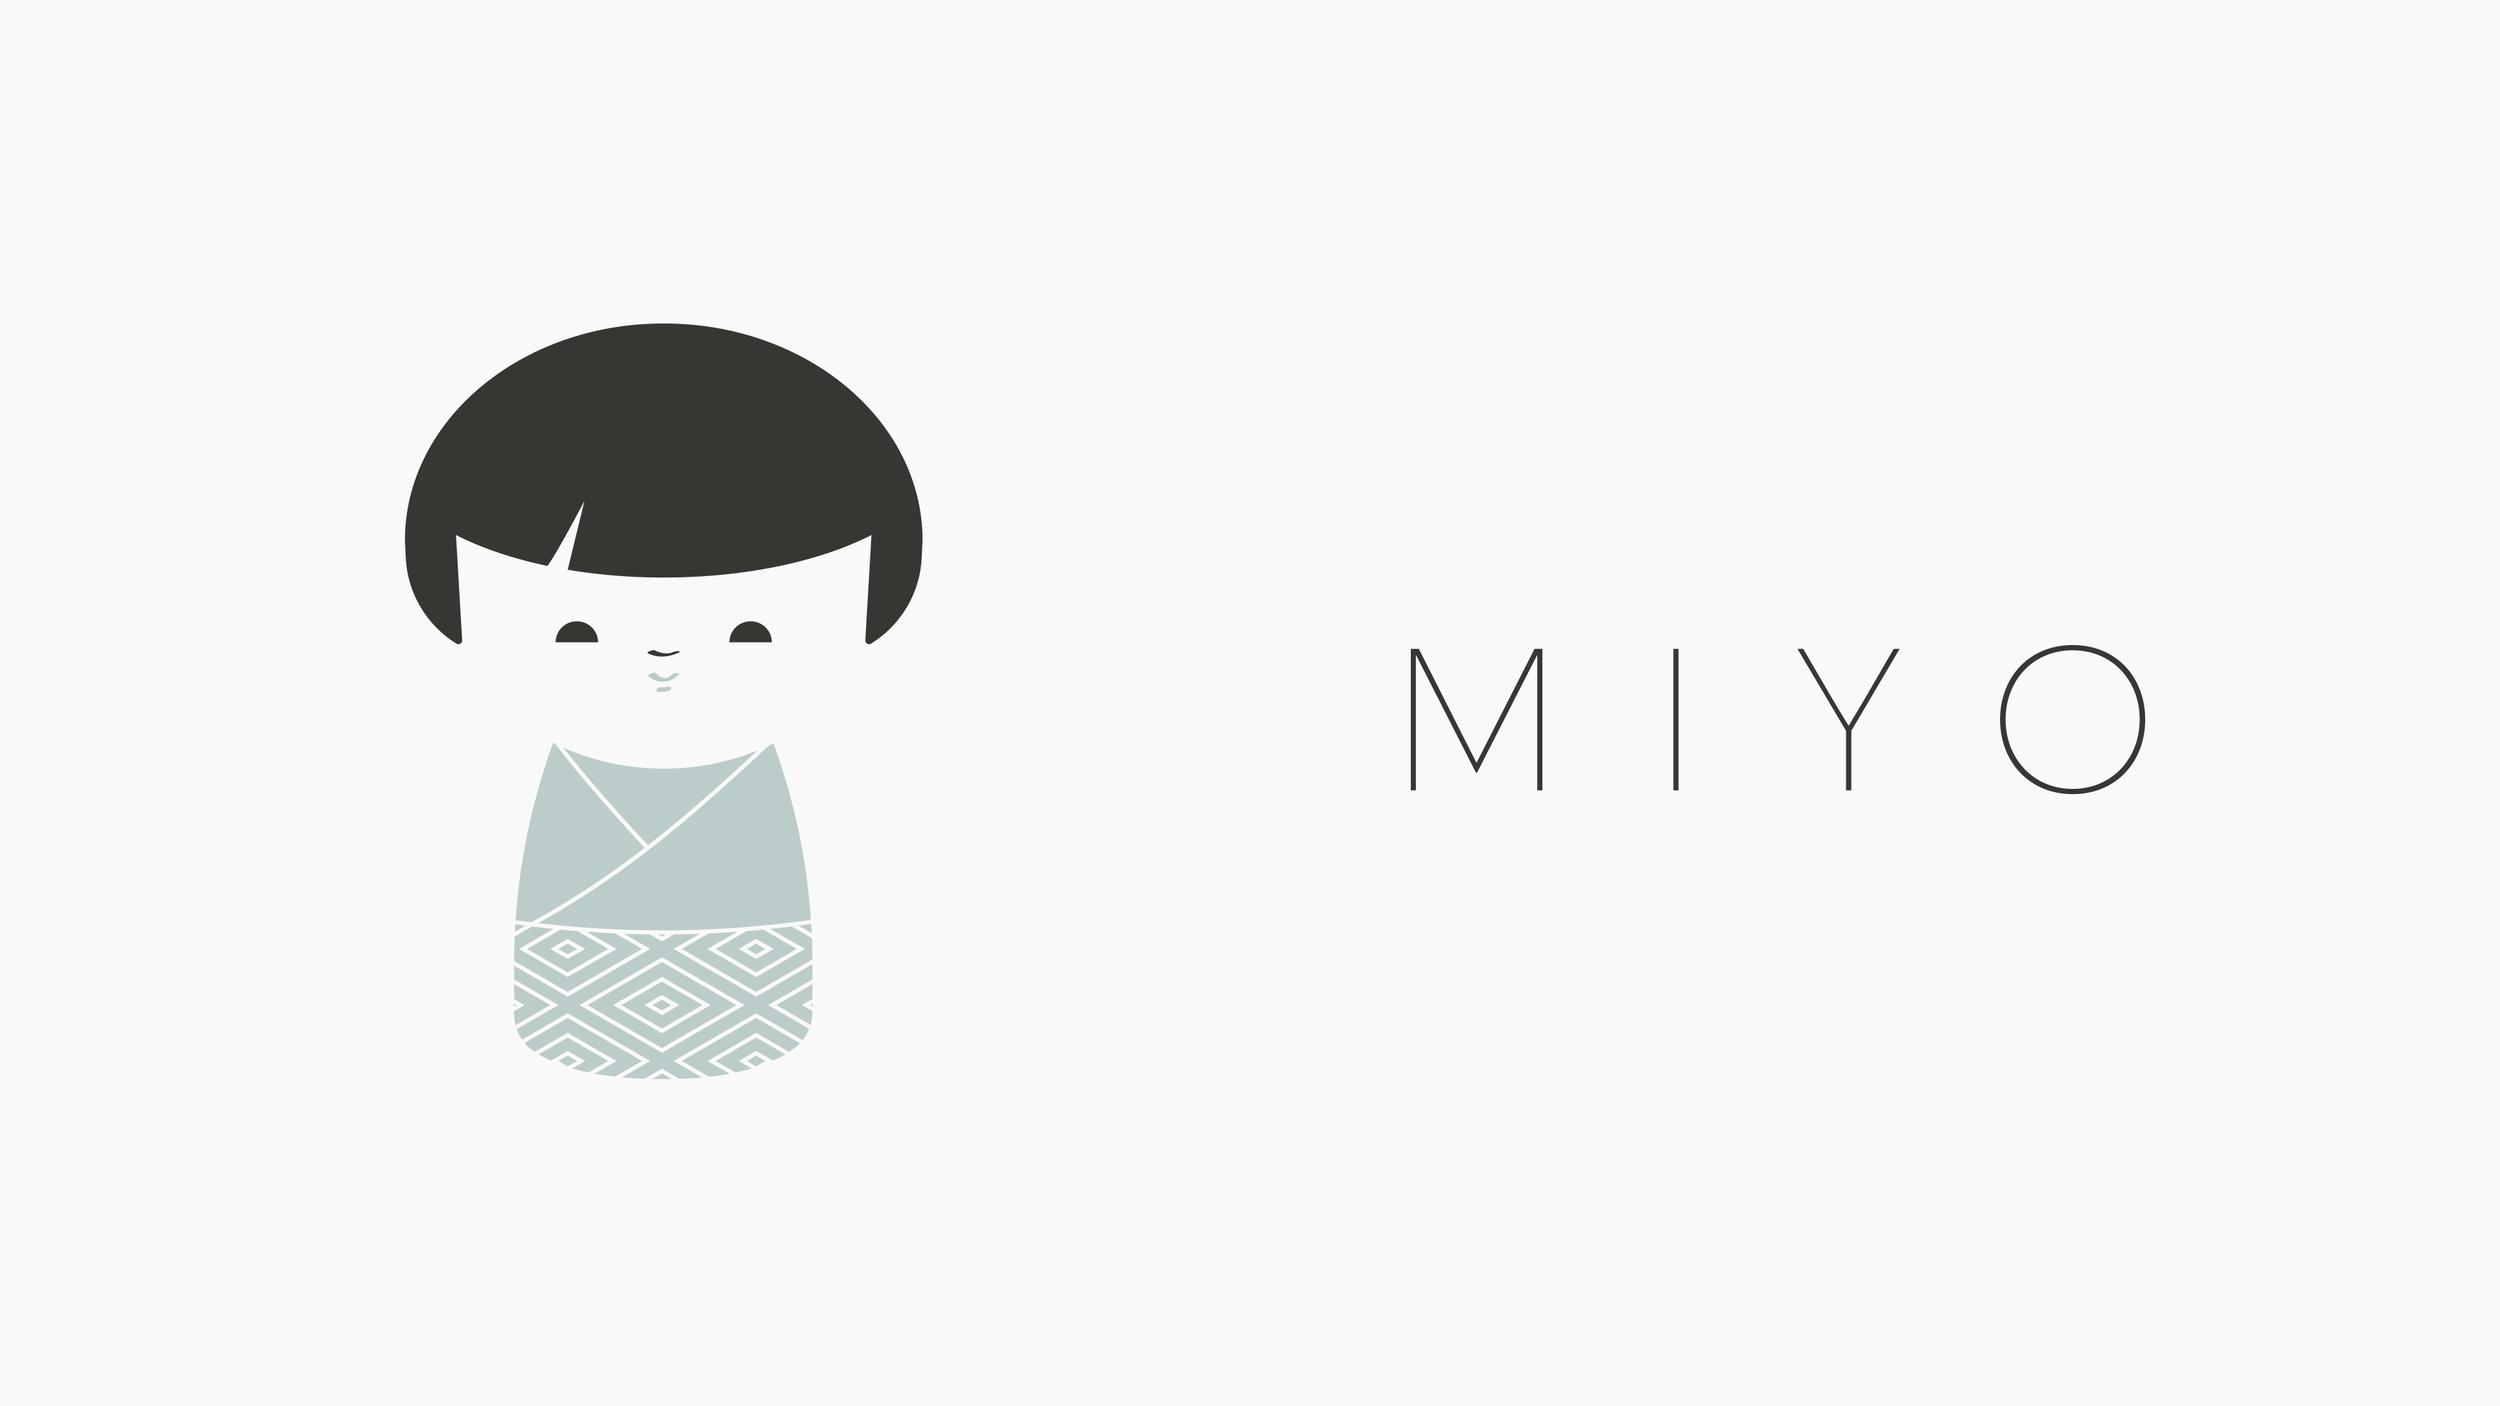 Miyo Branding Logo Overview